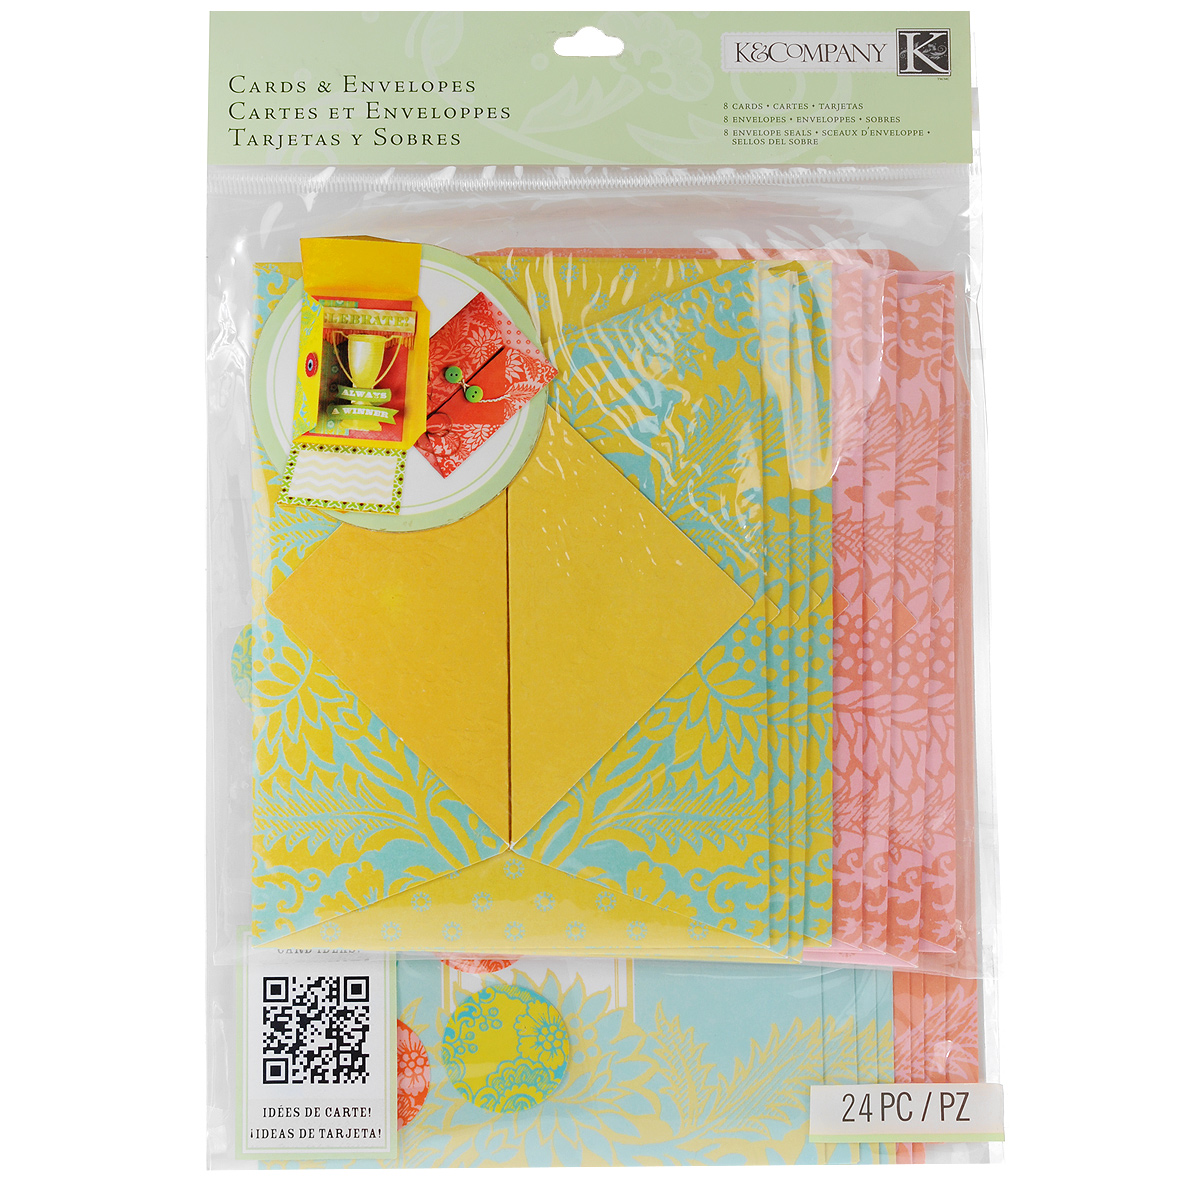 Набор открыток и конвертов для скрапбукинга K&Company Складной, 24 предметаKCO-30-658127Набор для скрапбукинга K&Company позволит создать красивые открытки собственными руками. Набор включает 8 открыток, 8 конвертов и 8 печатей двух видов.Скрапбукинг - это хобби, которое способно приносить массу приятных эмоций не только человеку, который этим занимается, но и его близким, друзьям, родным. Это невероятно увлекательное занятие, которое поможет вам сохранить наиболее памятные и яркие моменты вашей жизни, а также интересно оформить интерьер дома.